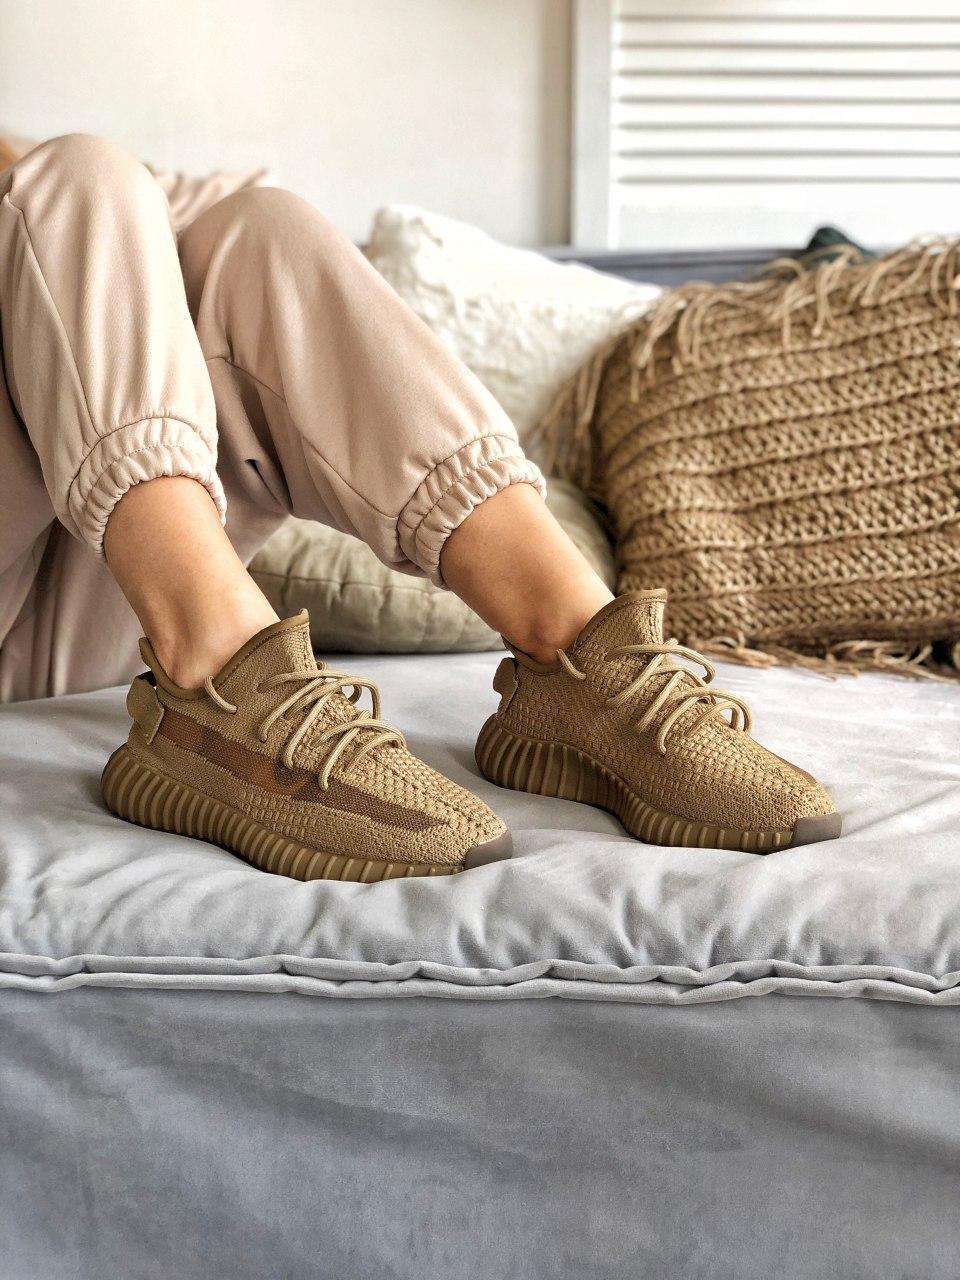 Женские кроссовки Adidas Yeezy Boost 350 в стиле Адидас Изи Буст КОРИЧНЕВЫЕ (Реплика ААА+)